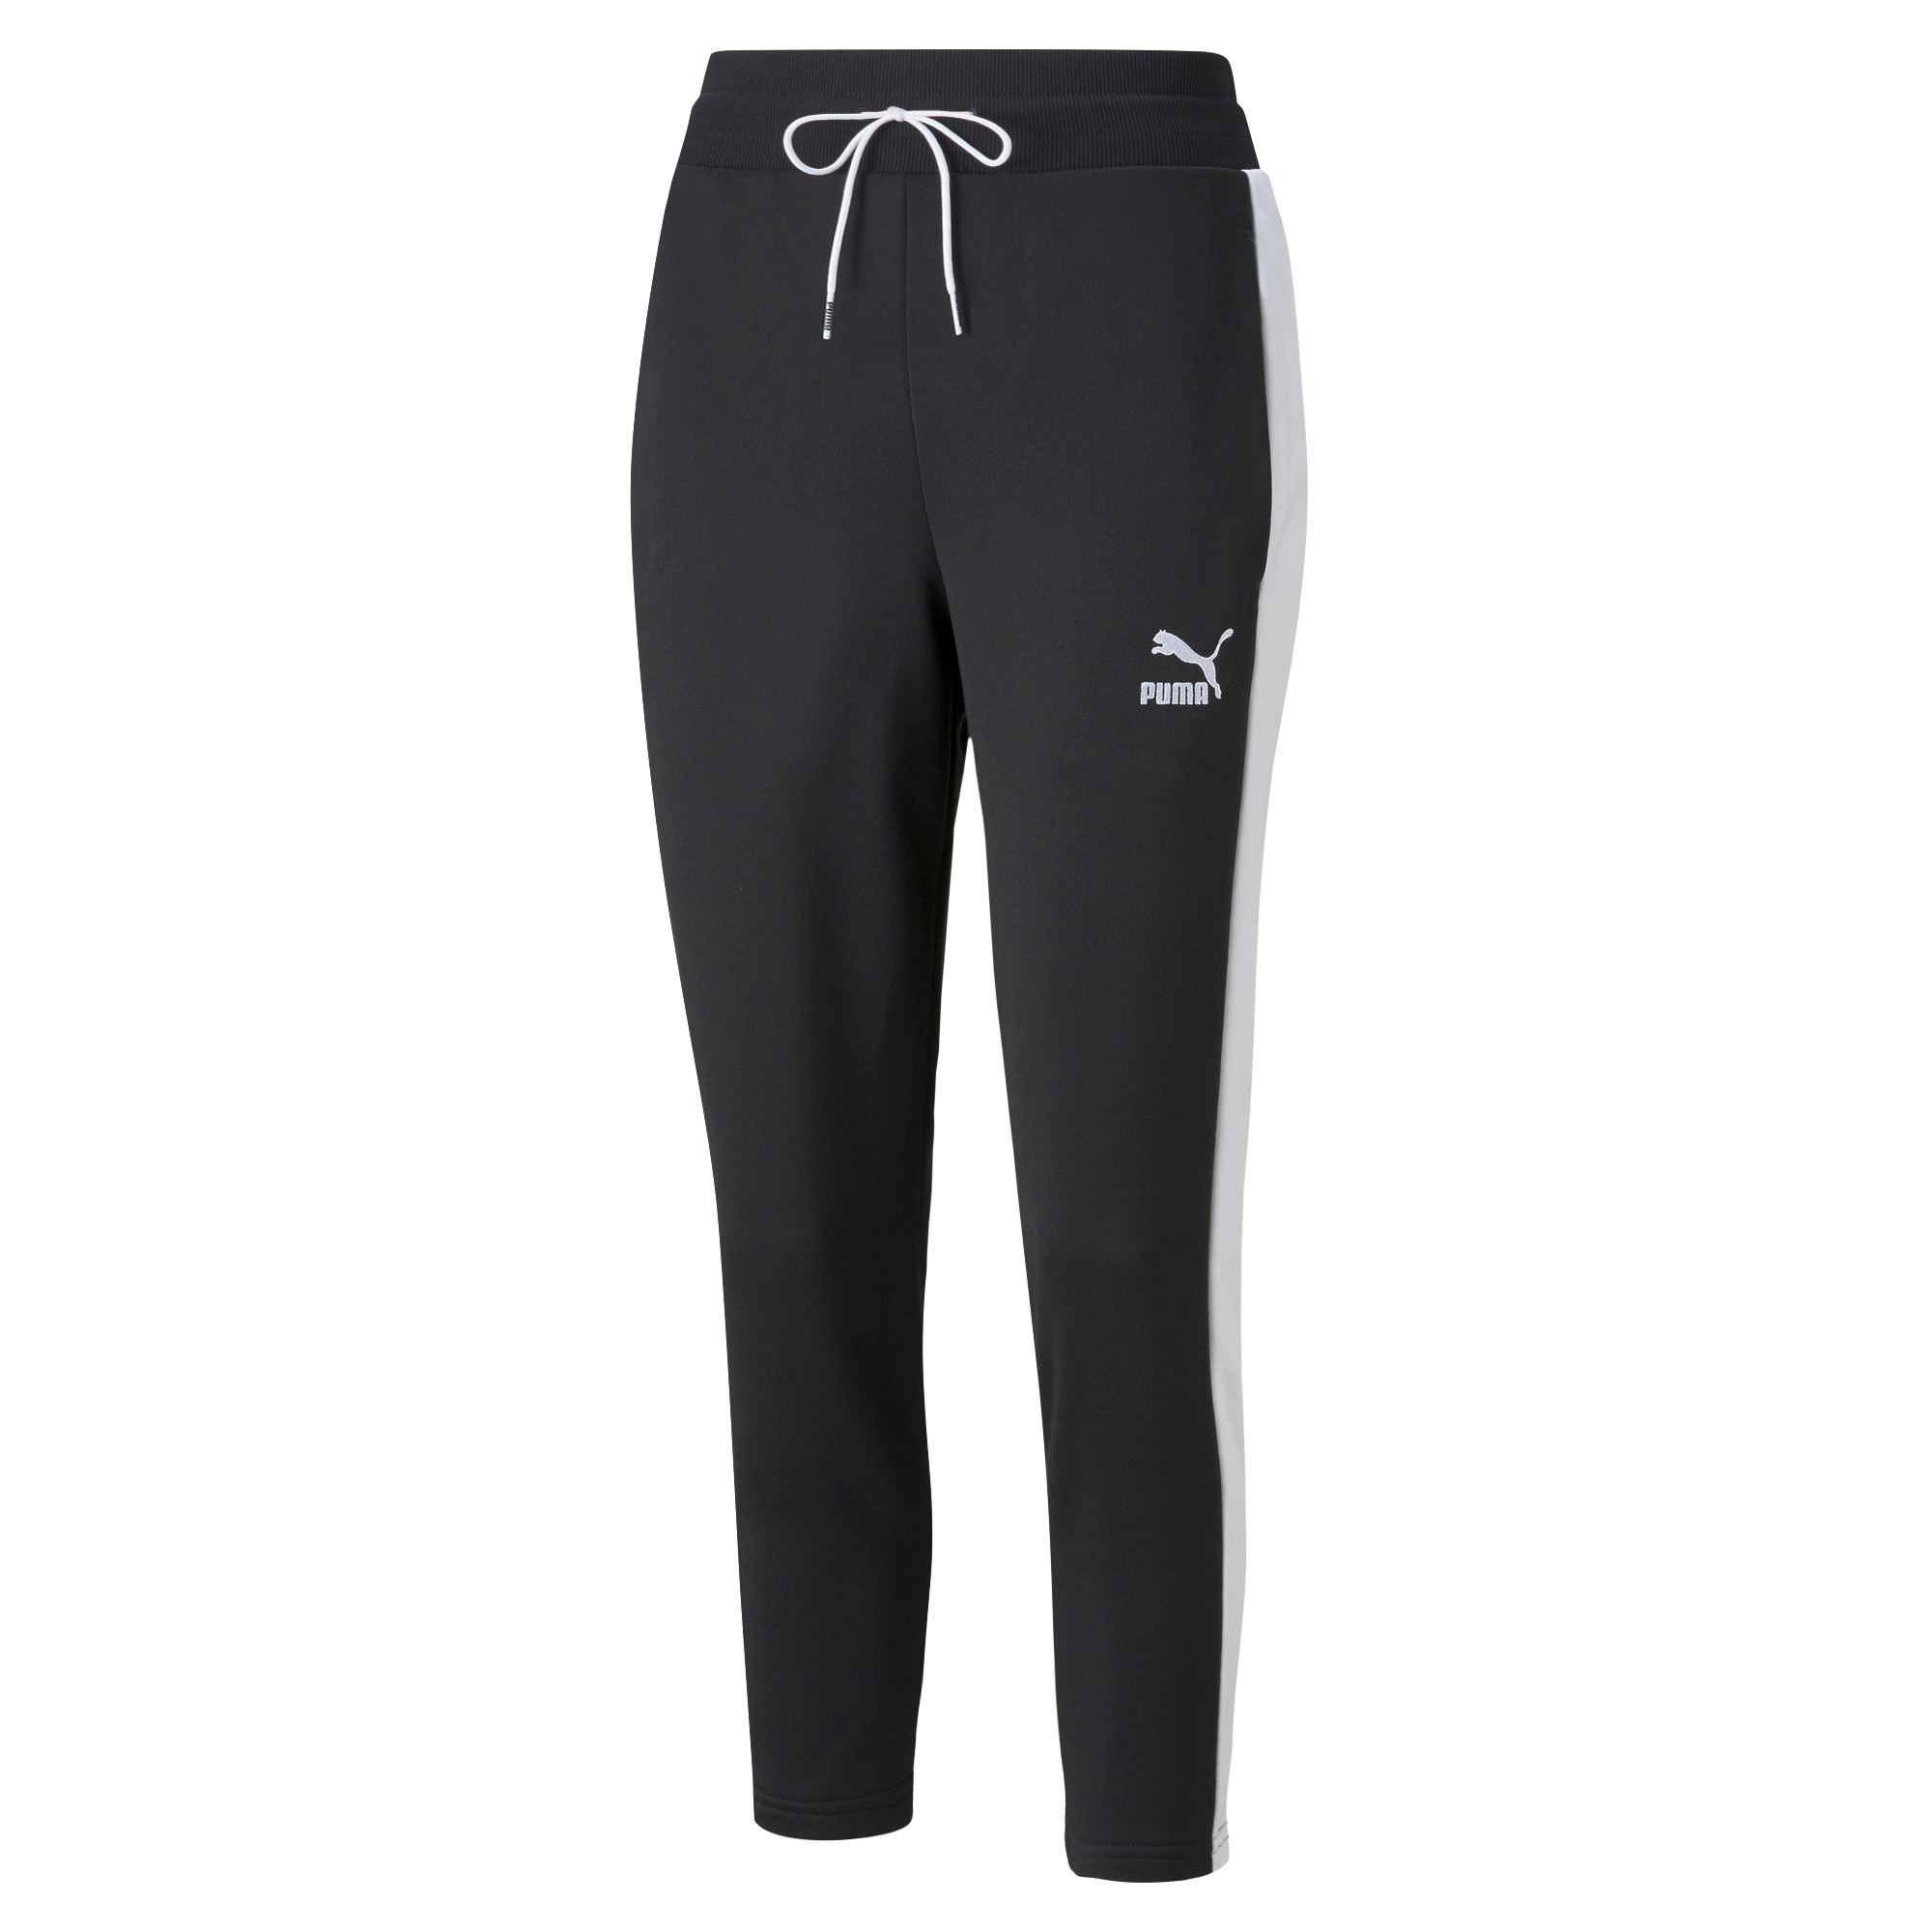 Pantaloni tuta donna Iconic T7, Nero, large image number 0